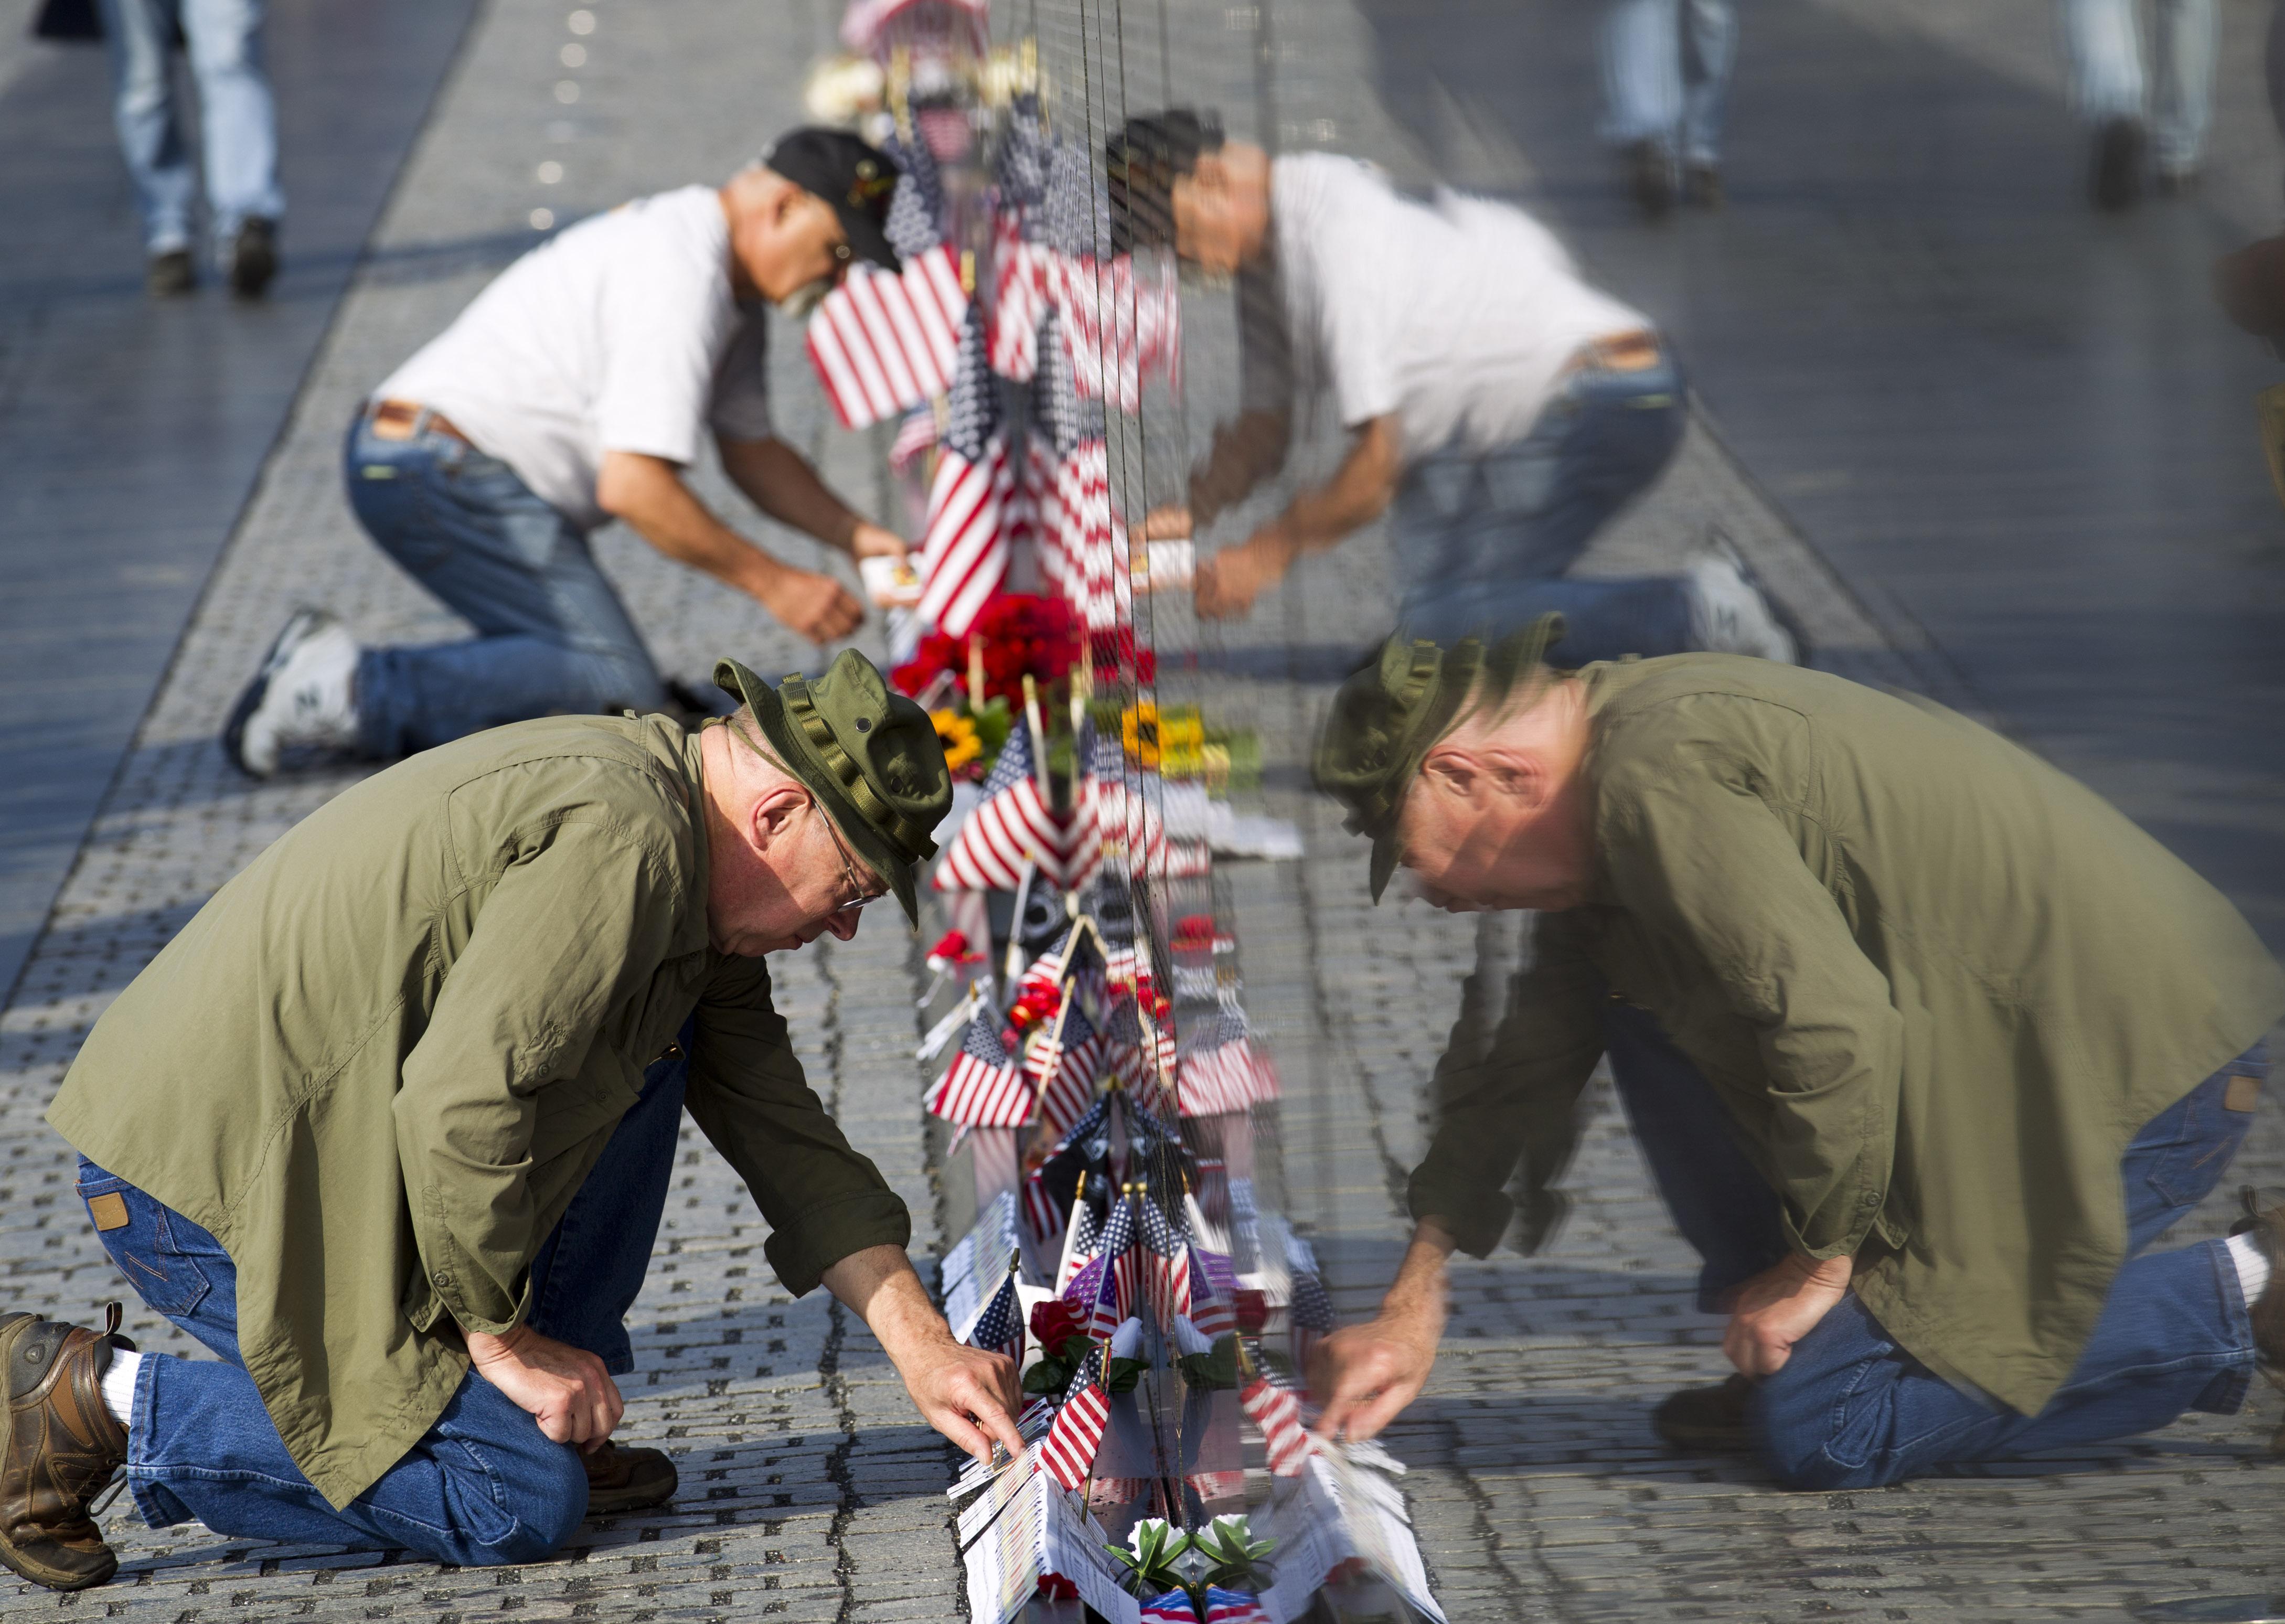 أميركيان في العاصمة واشنطن يضعان الأعلام أمام النصب التذكاري للمحاربين القدامى الذين شاركوا في حرب فيتنام